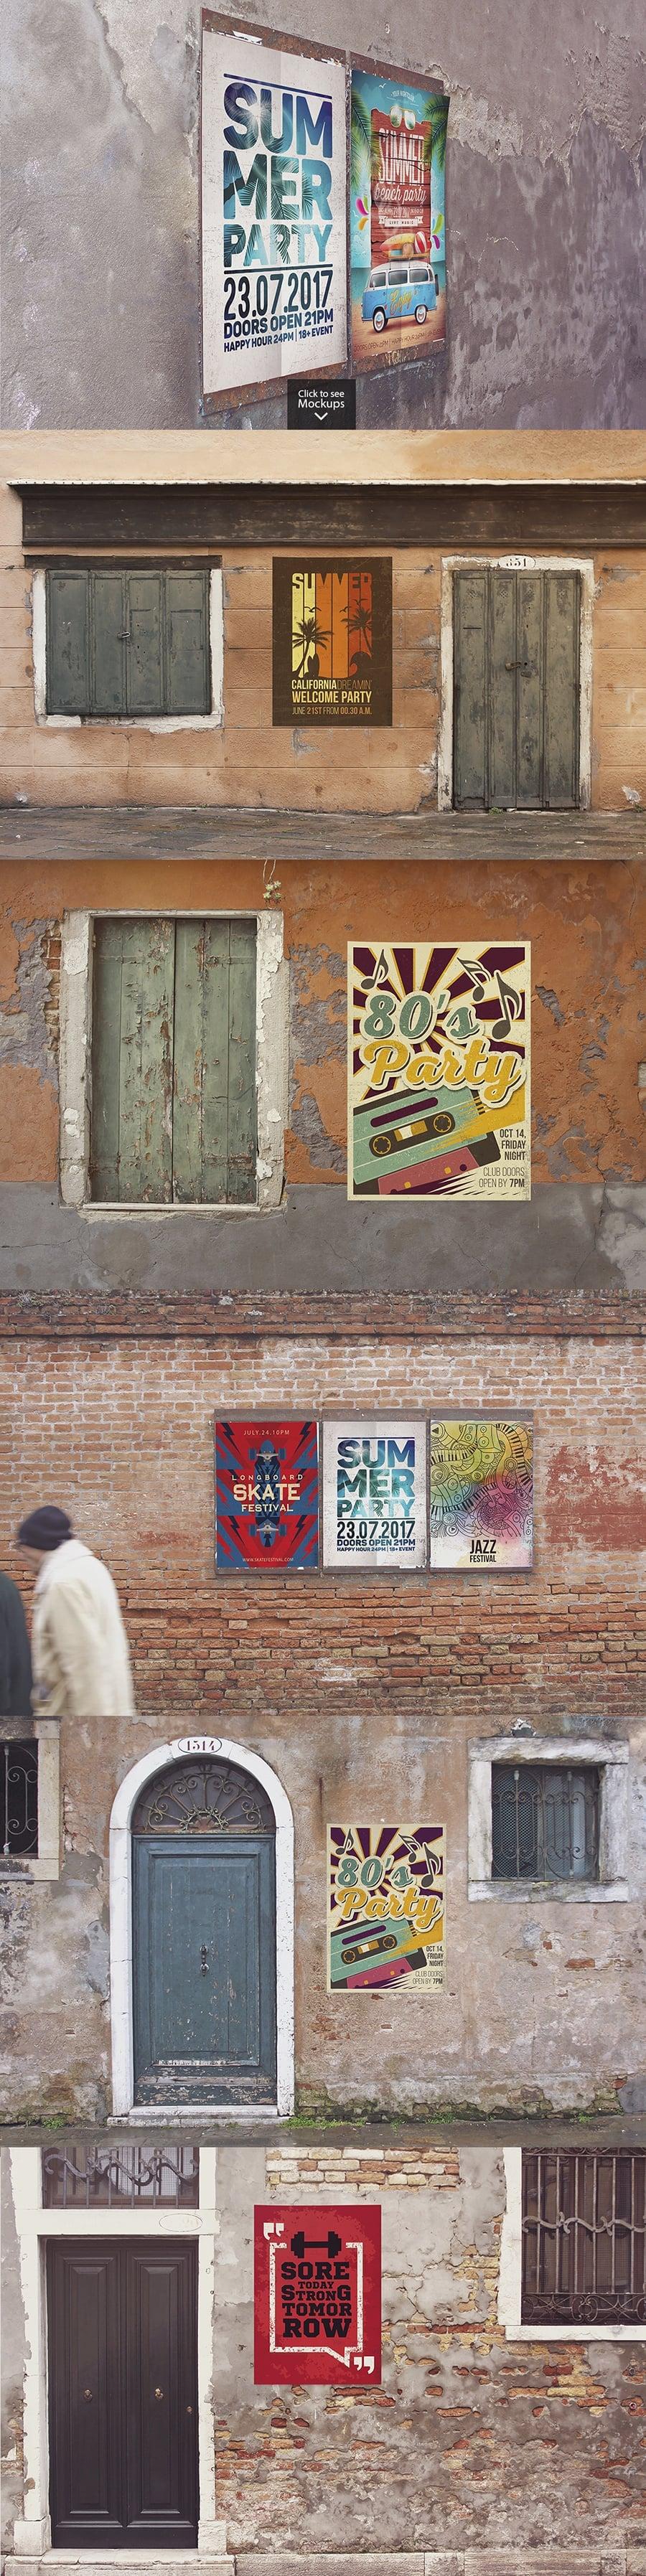 12 Poster Mockups in Venecia